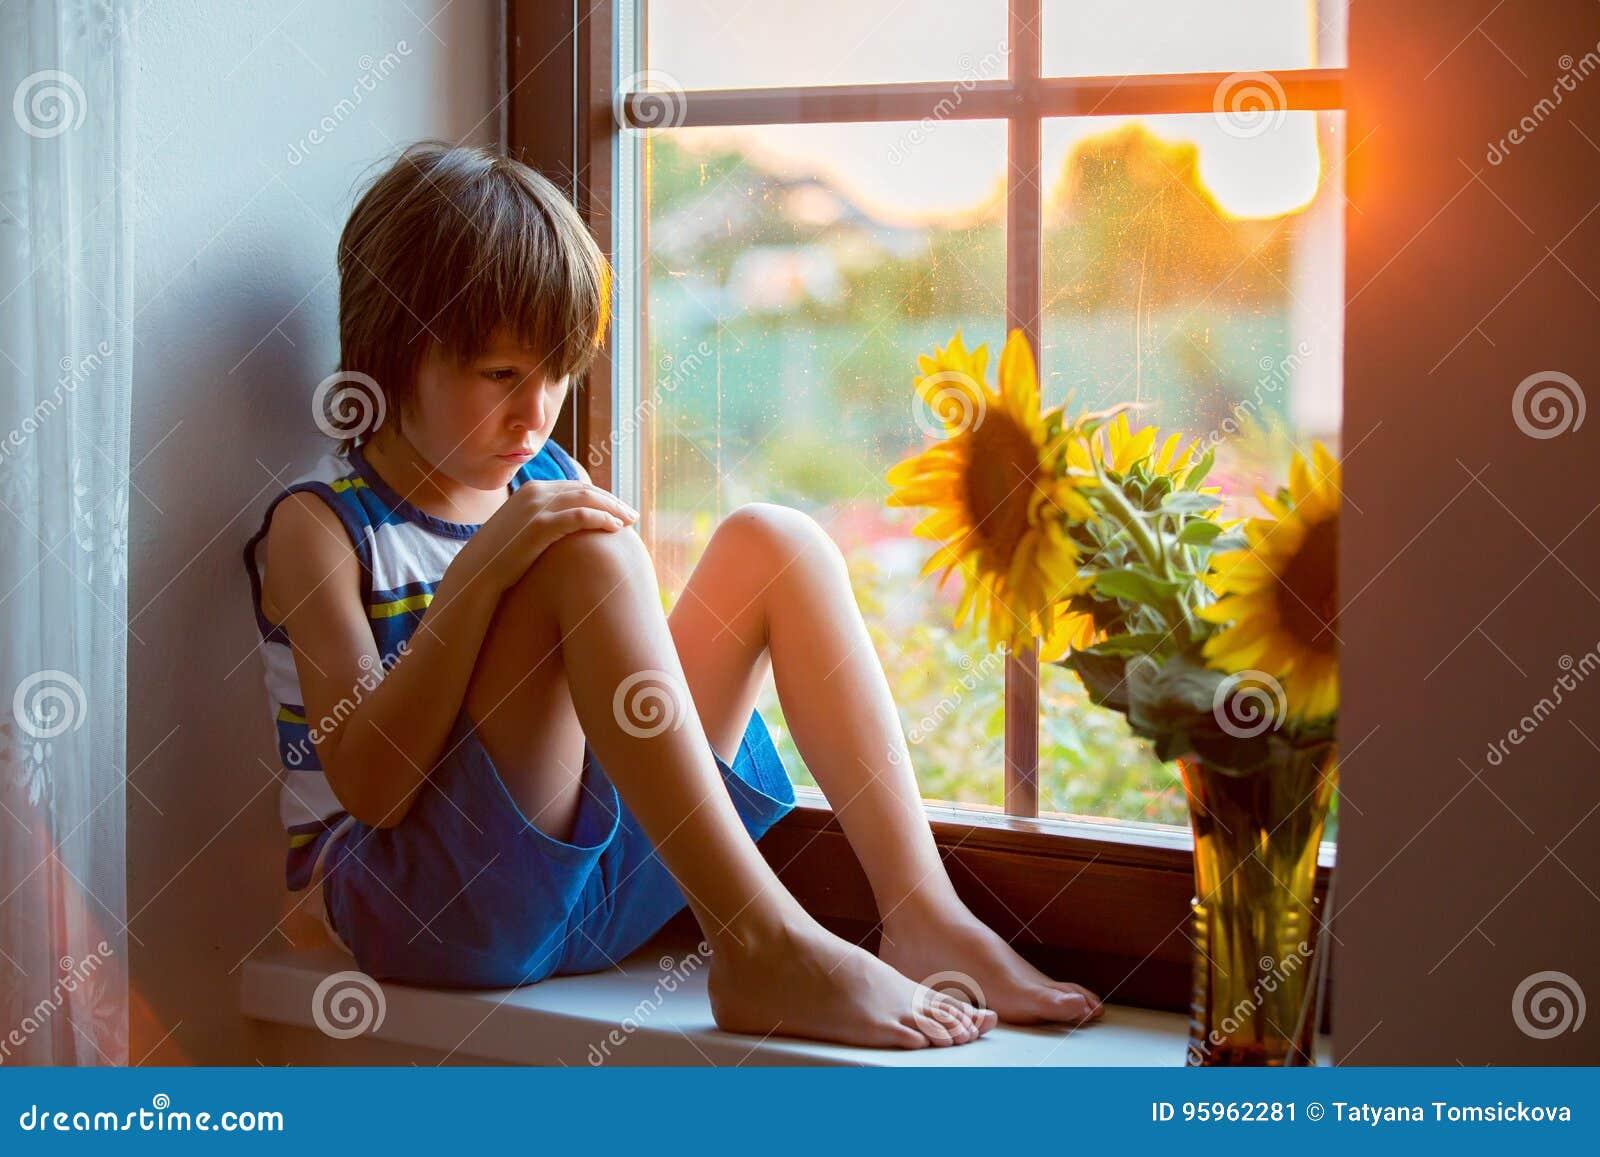 Λυπημένος χαριτωμένος λίγο παιδί μικρών παιδιών, που κάθεται σε ένα παράθυρο, που παίζει με